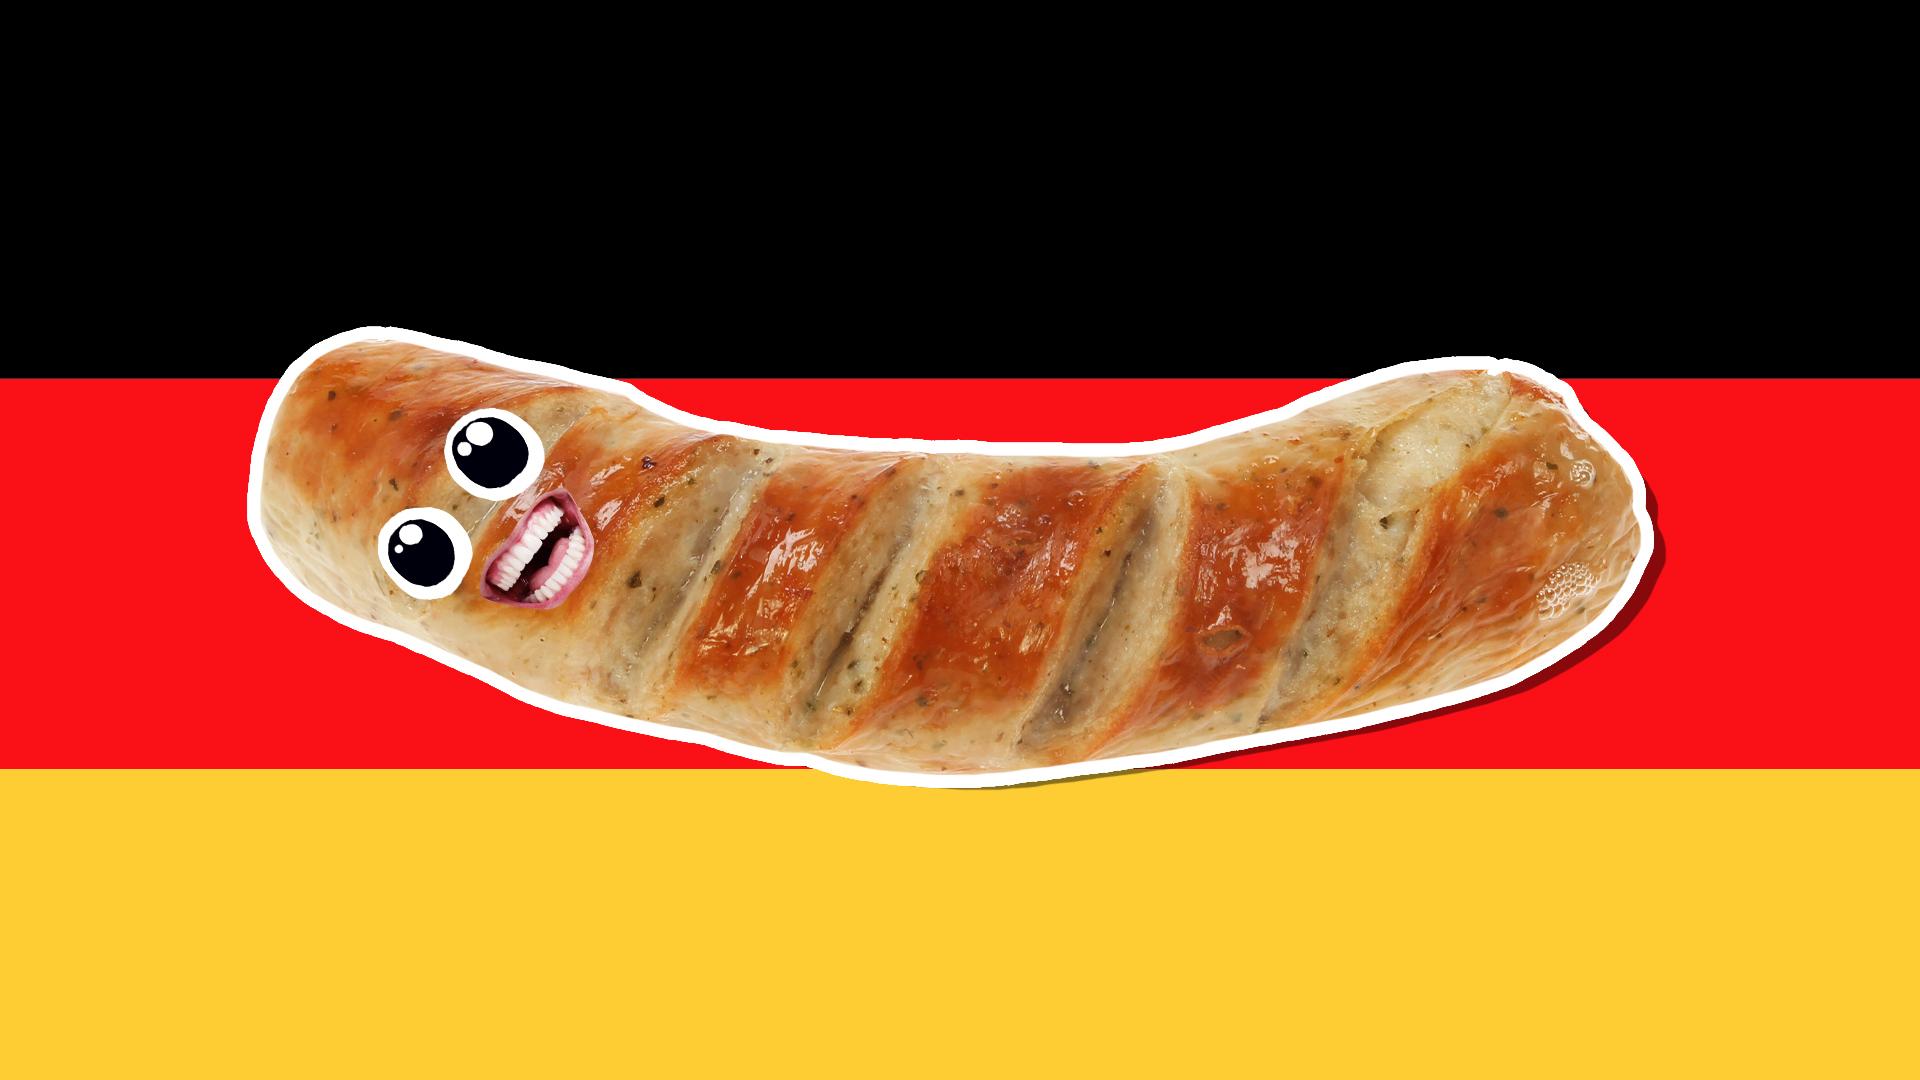 A sausage and German flag